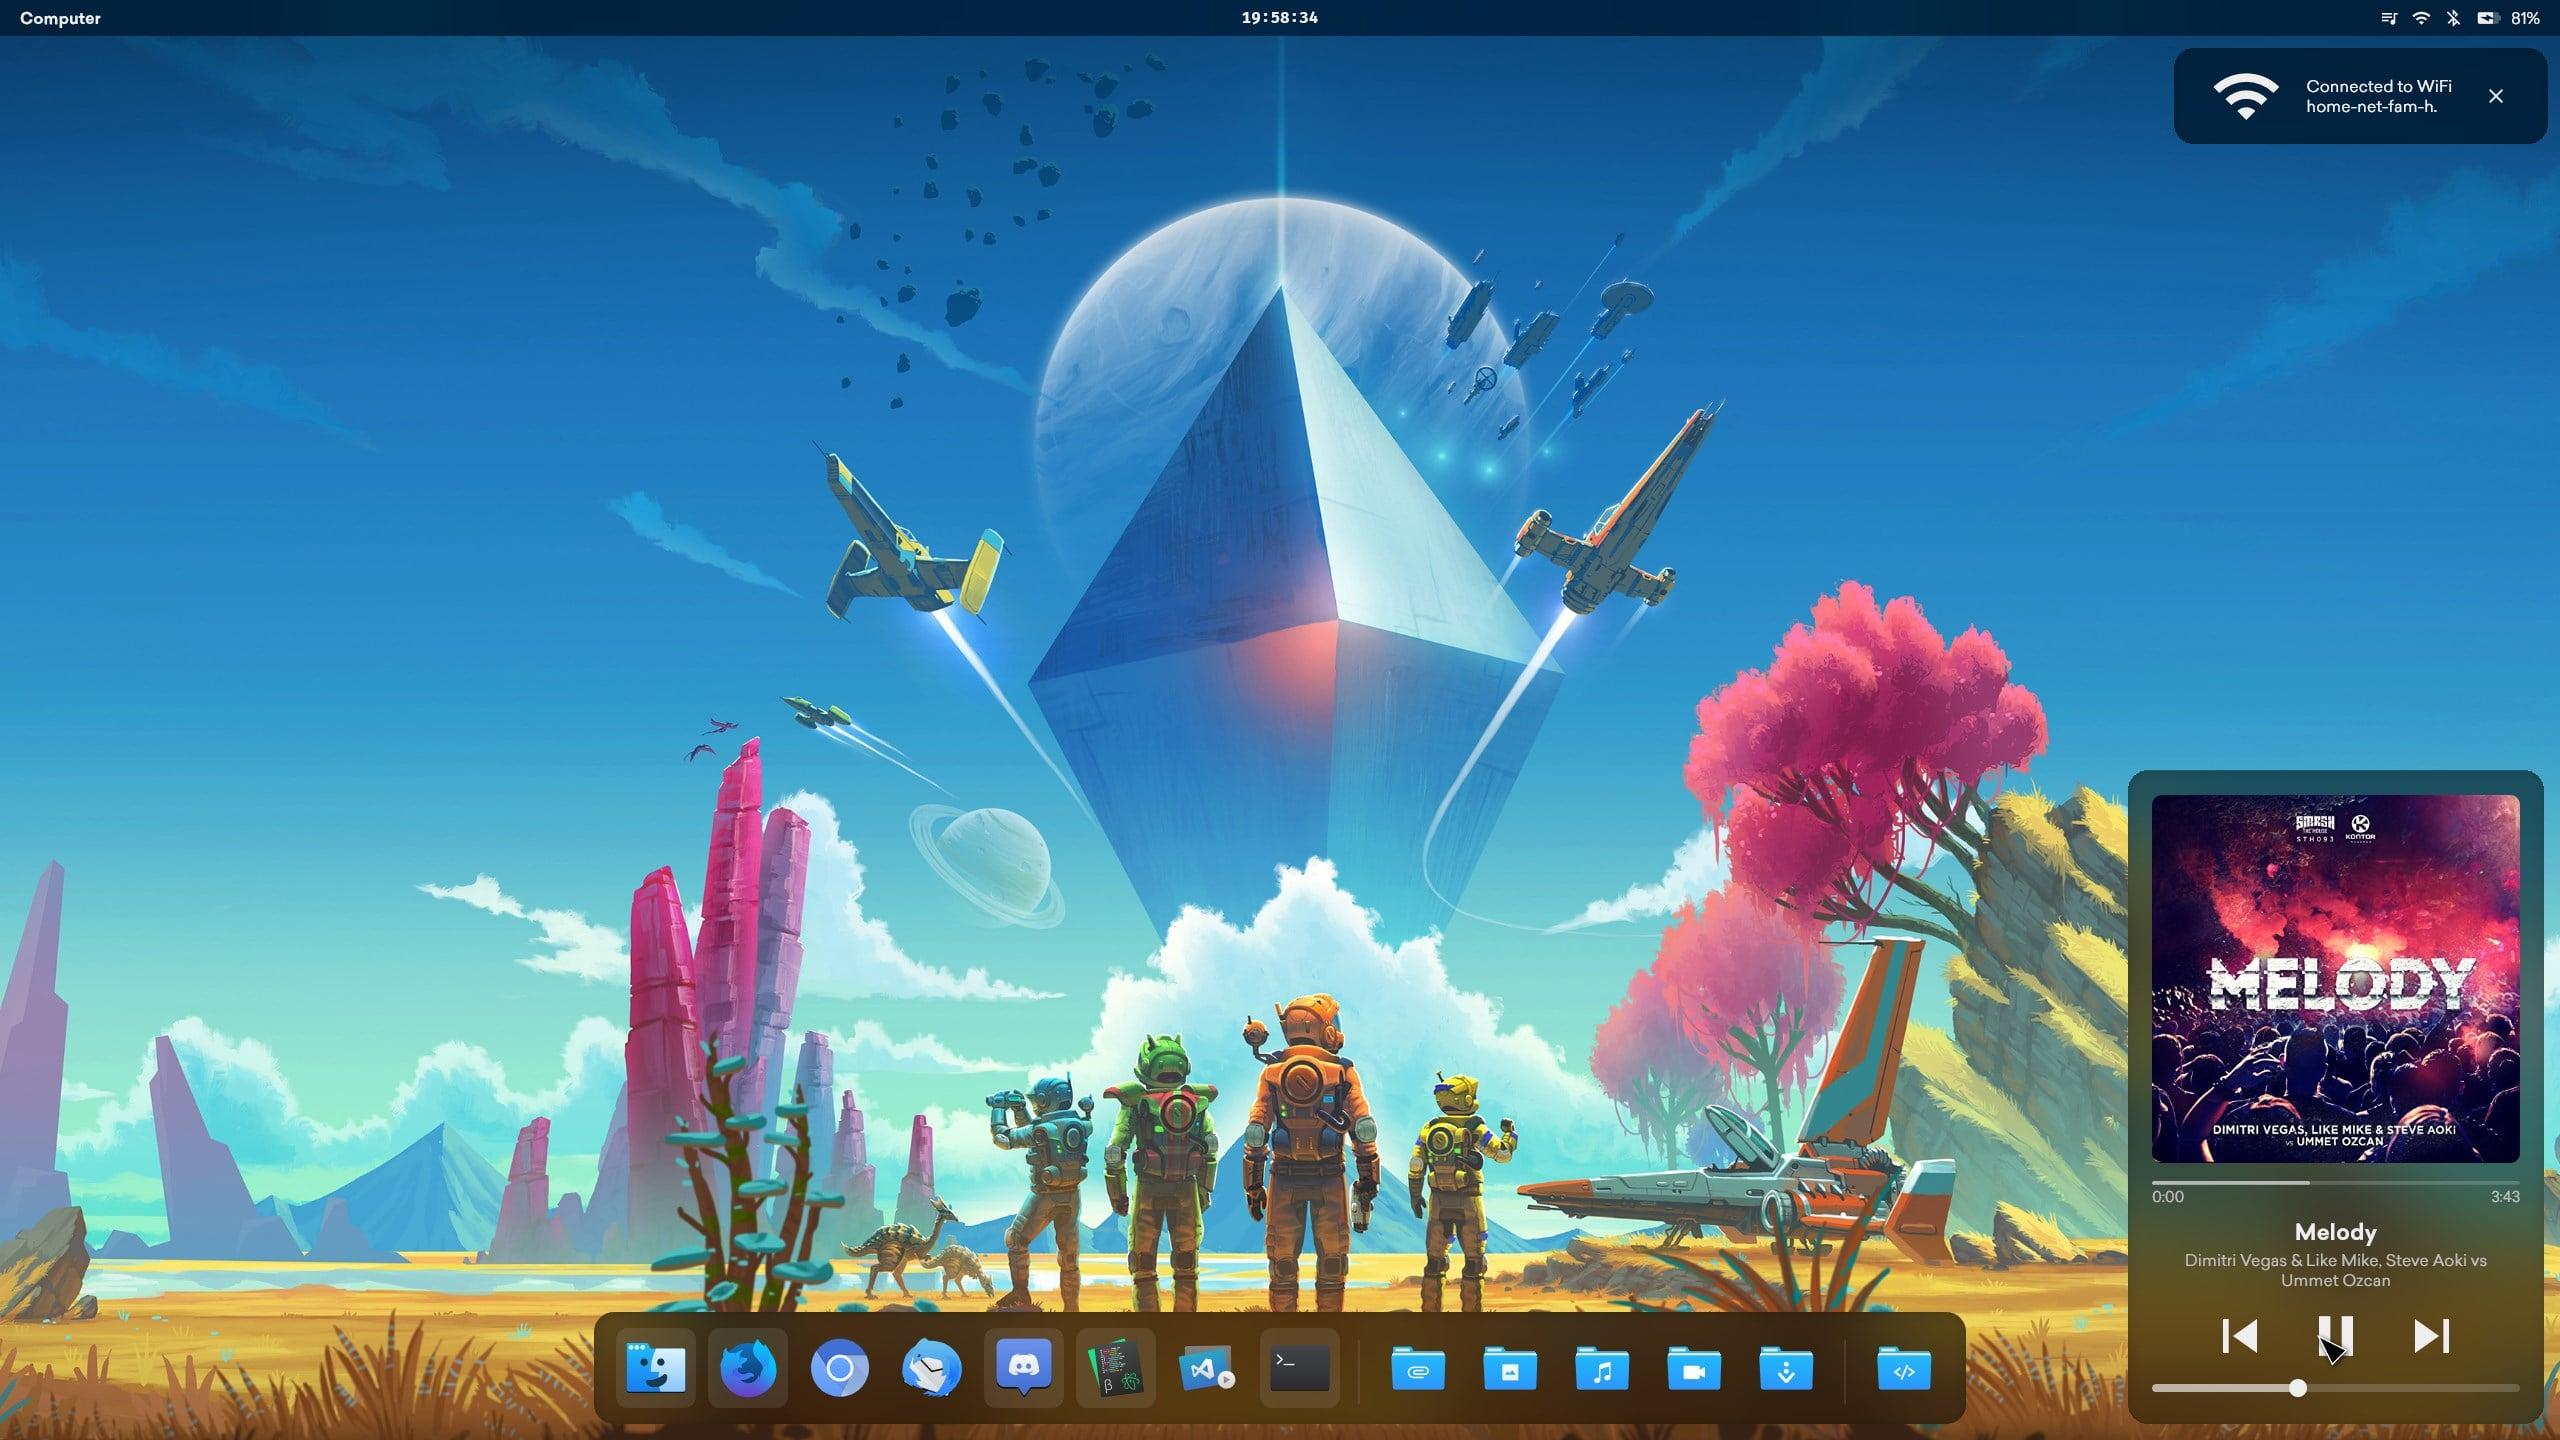 Jeśli tak będzie wyglądać Ubuntu, to zainstaluje je bez większego zastanowienia 22